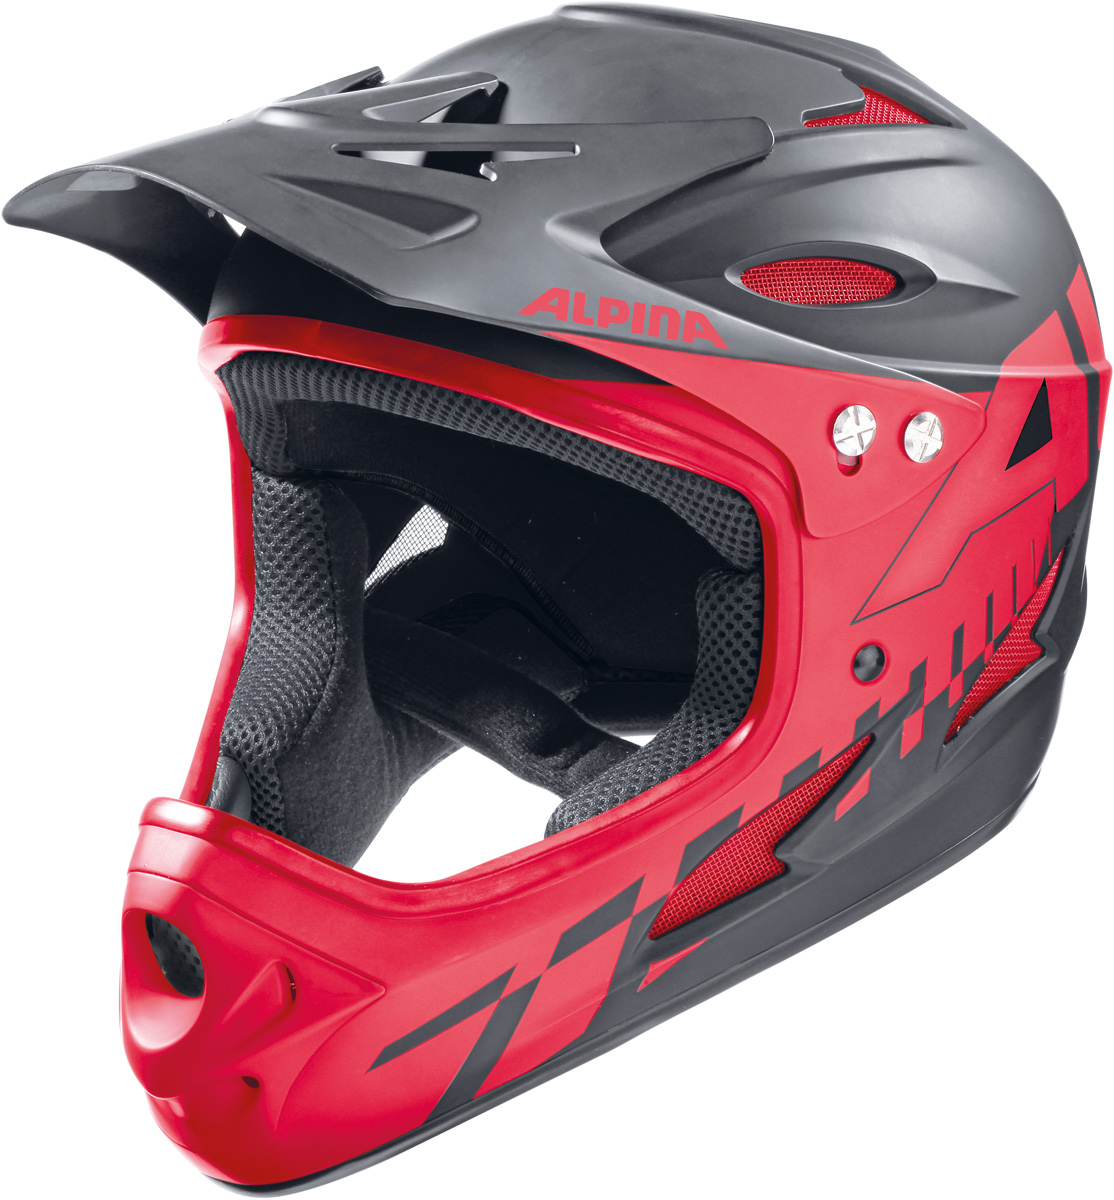 Шлем горнолыжный Alpina  Fullface , цвет: черный, красный. A9689_32. Размер 55-56 - Горные лыжи